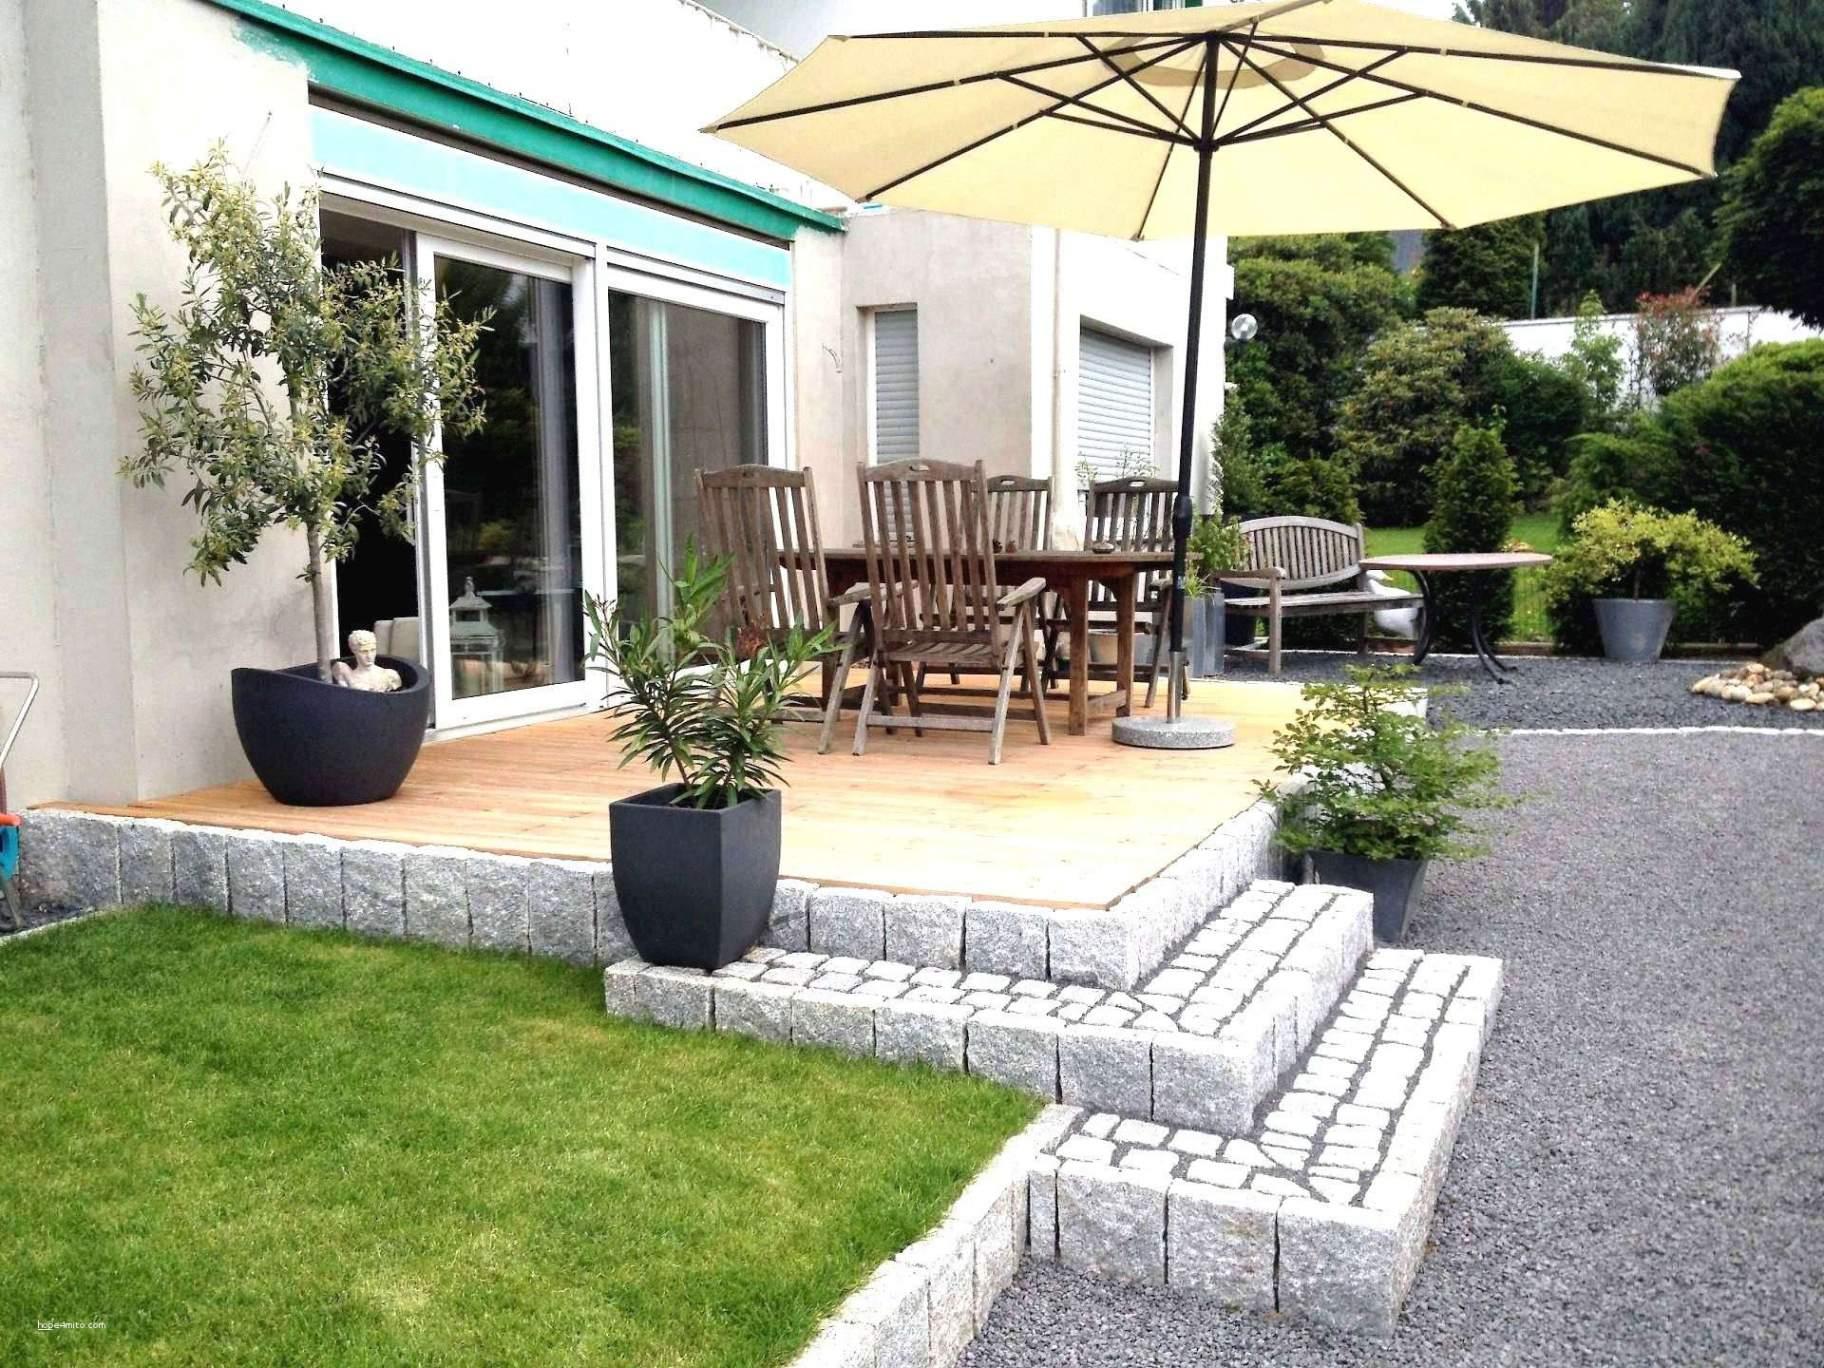 Terrasse Modern Gestalten Einzigartig 32 Einzigartig Garten Terrassen Ideen Das Beste Von